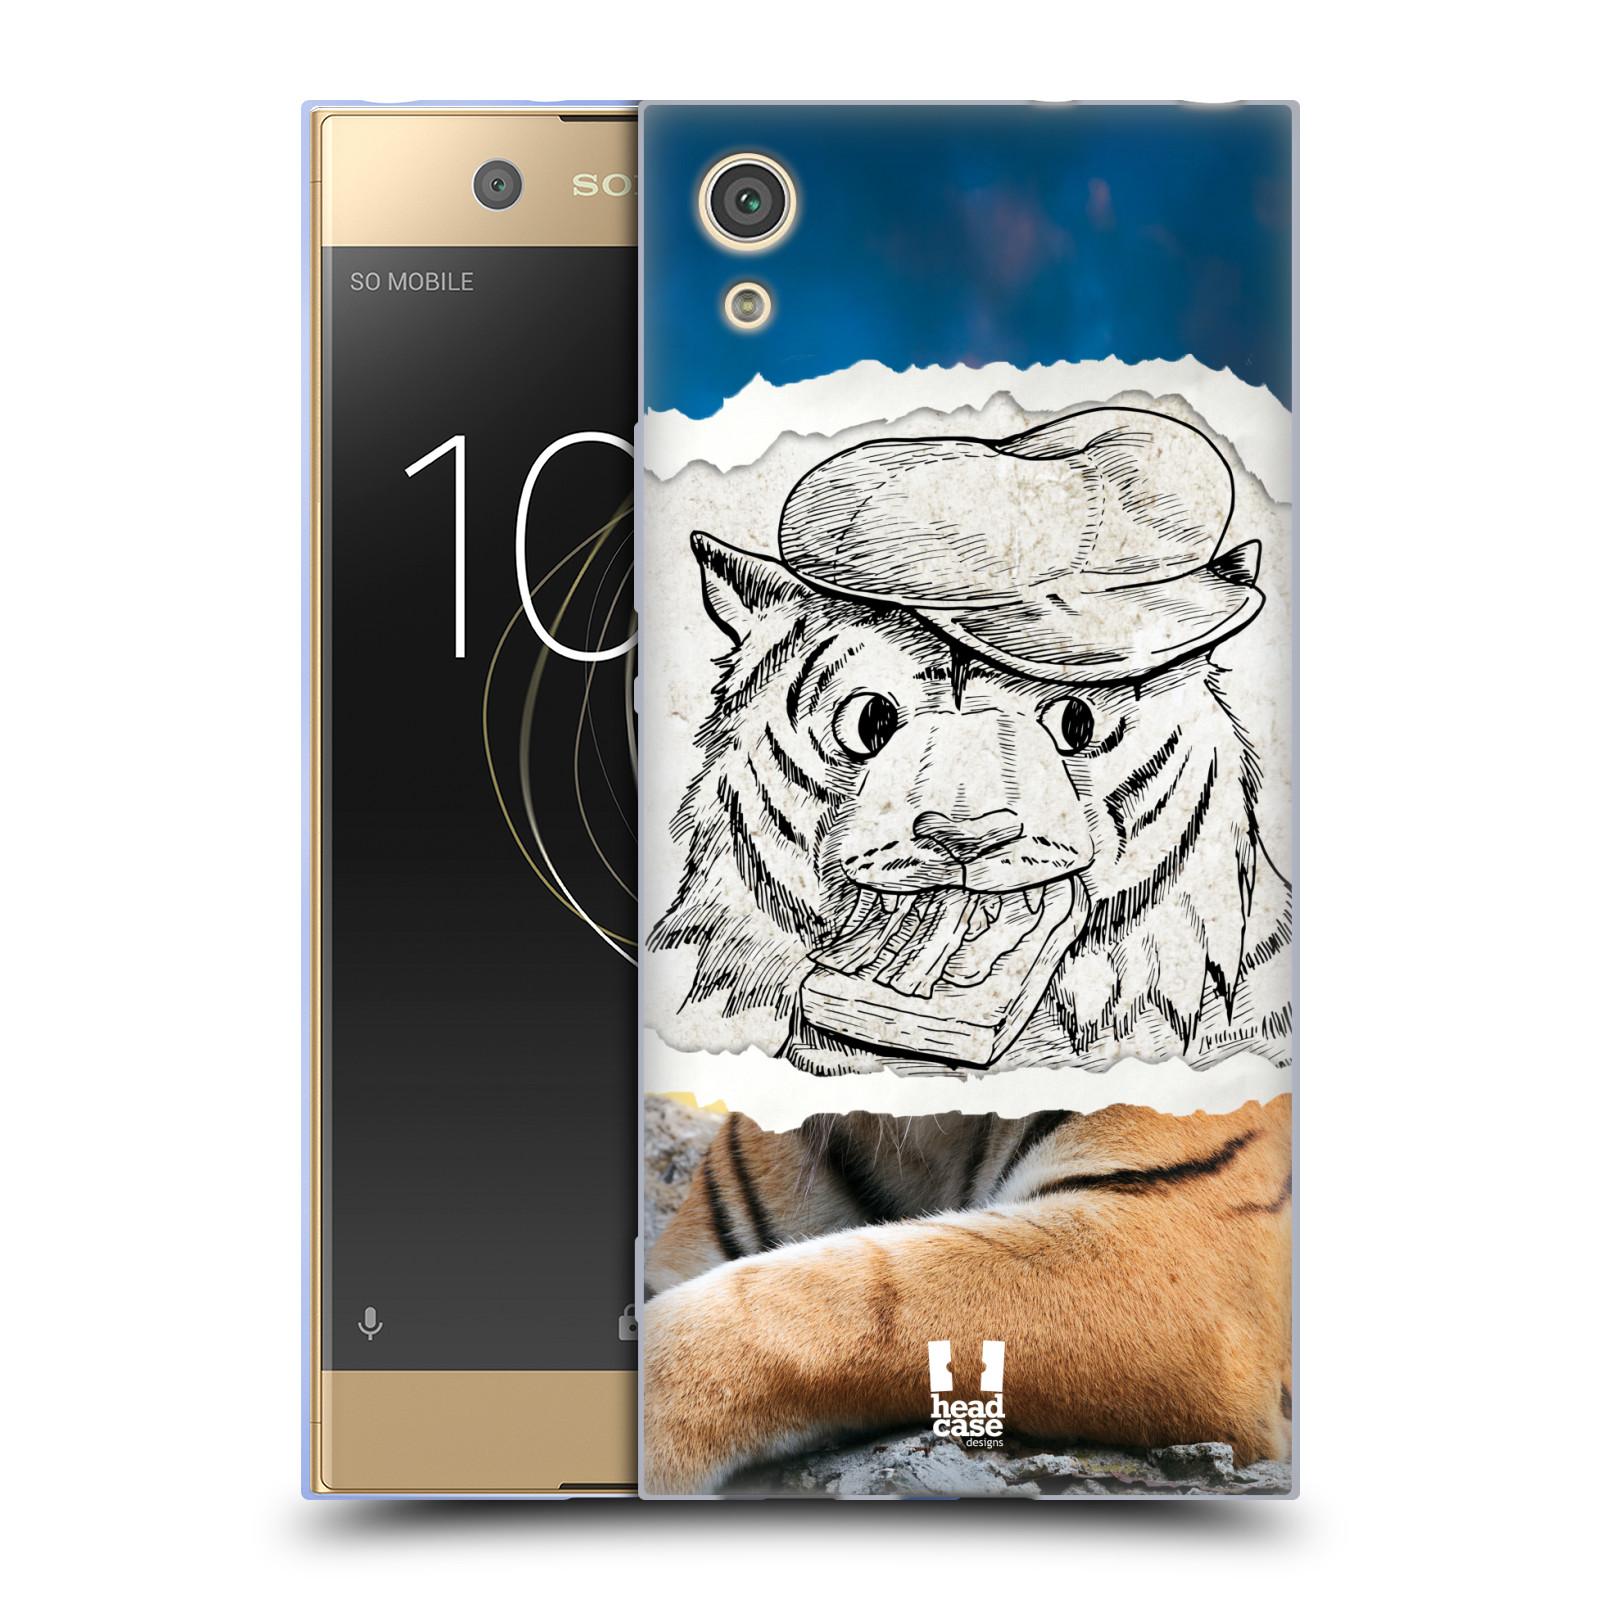 HEAD CASE silikonový obal na mobil Sony Xperia XA1 / XA1 DUAL SIM vzor zvířata koláž tygr fešák